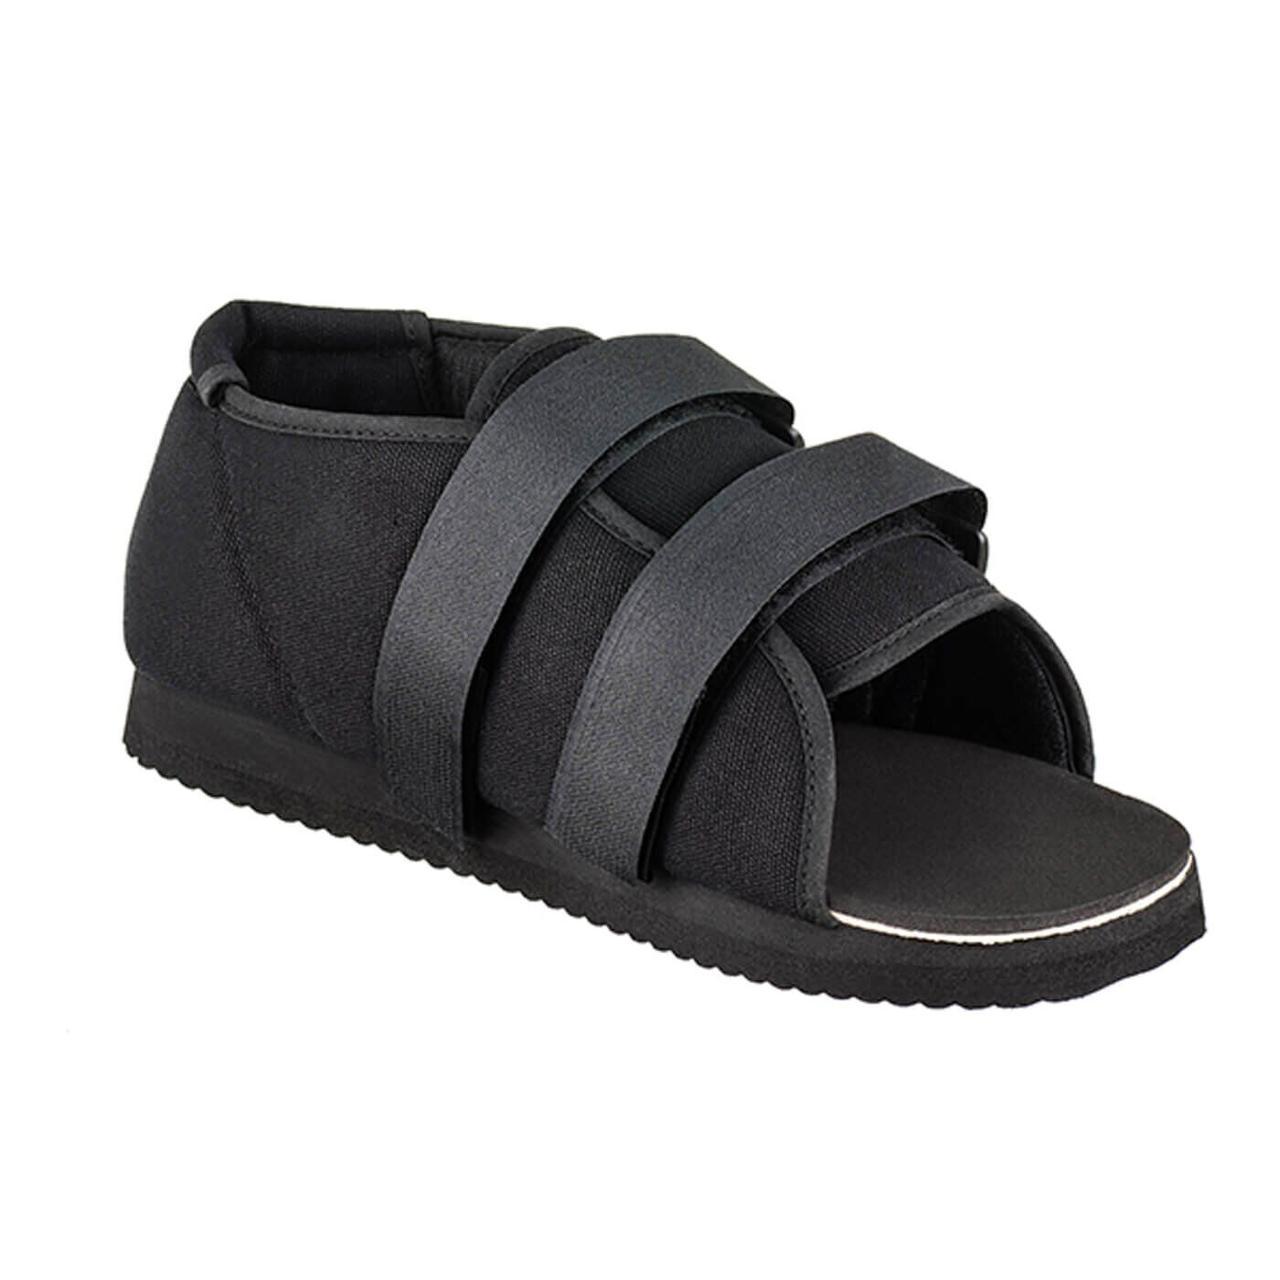 Обувь под гипс Qmed Plaster Protection KM-40, цвет черный, размер s